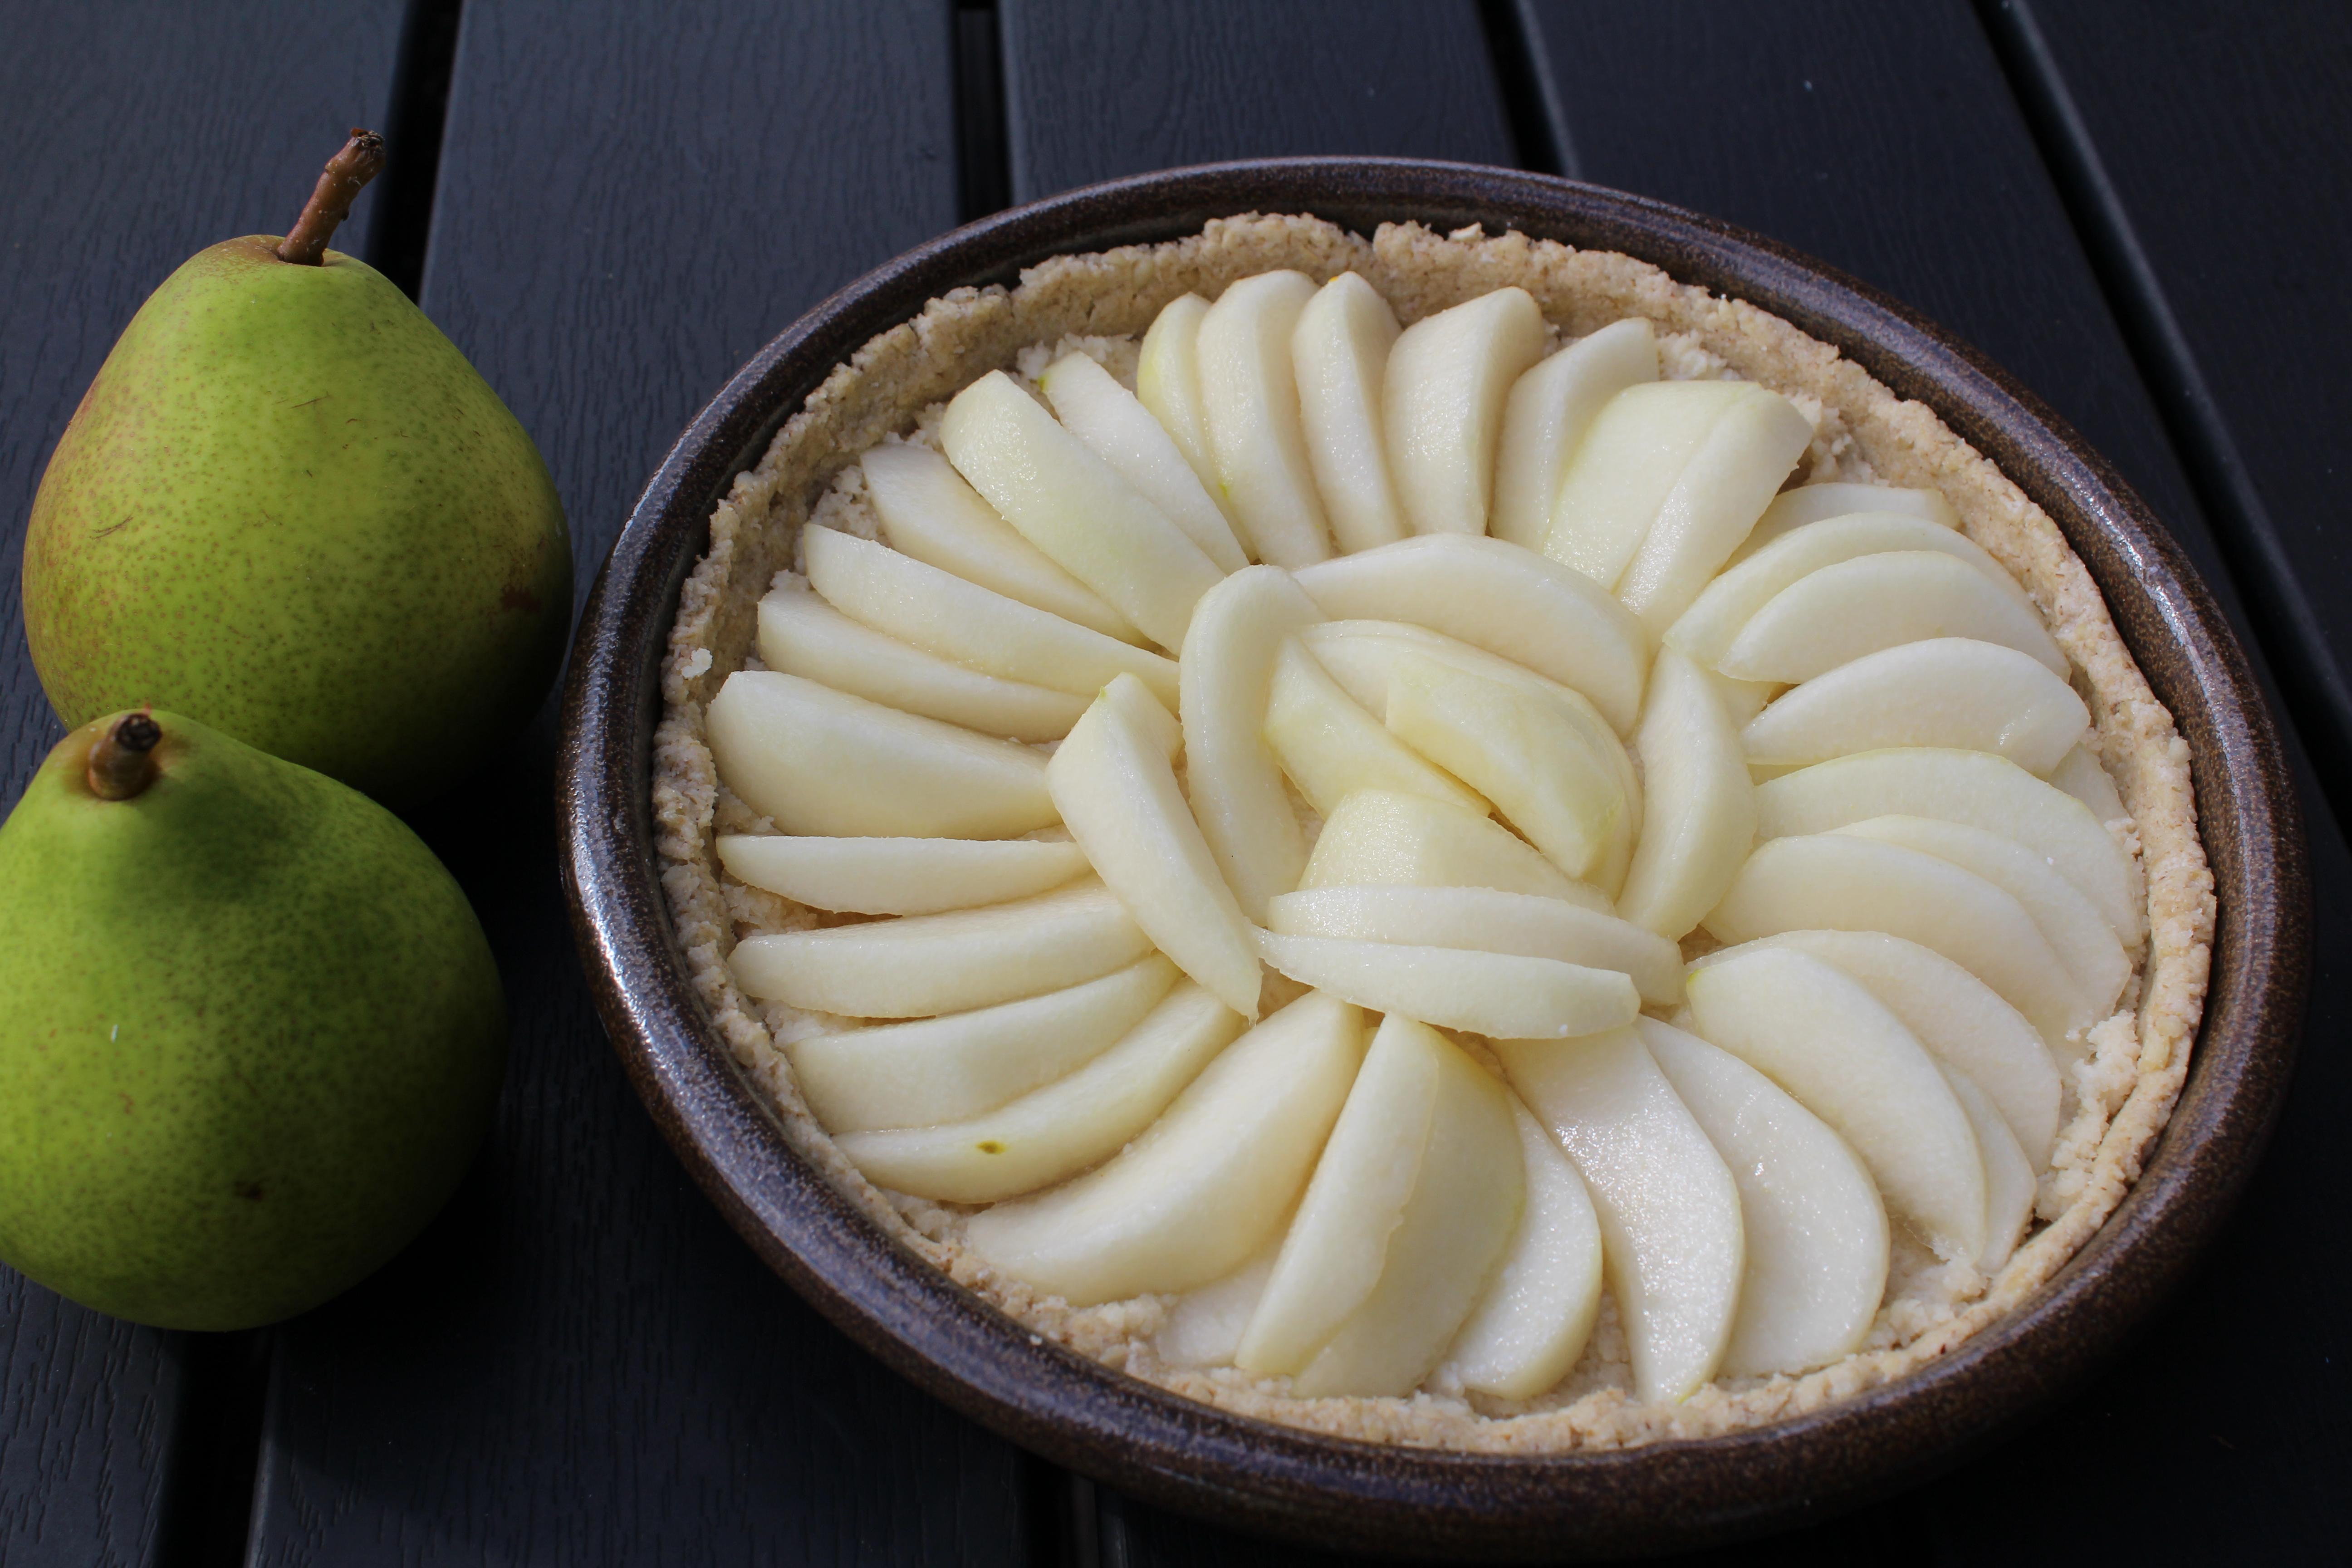 Pæretærte- pærer uden skræl